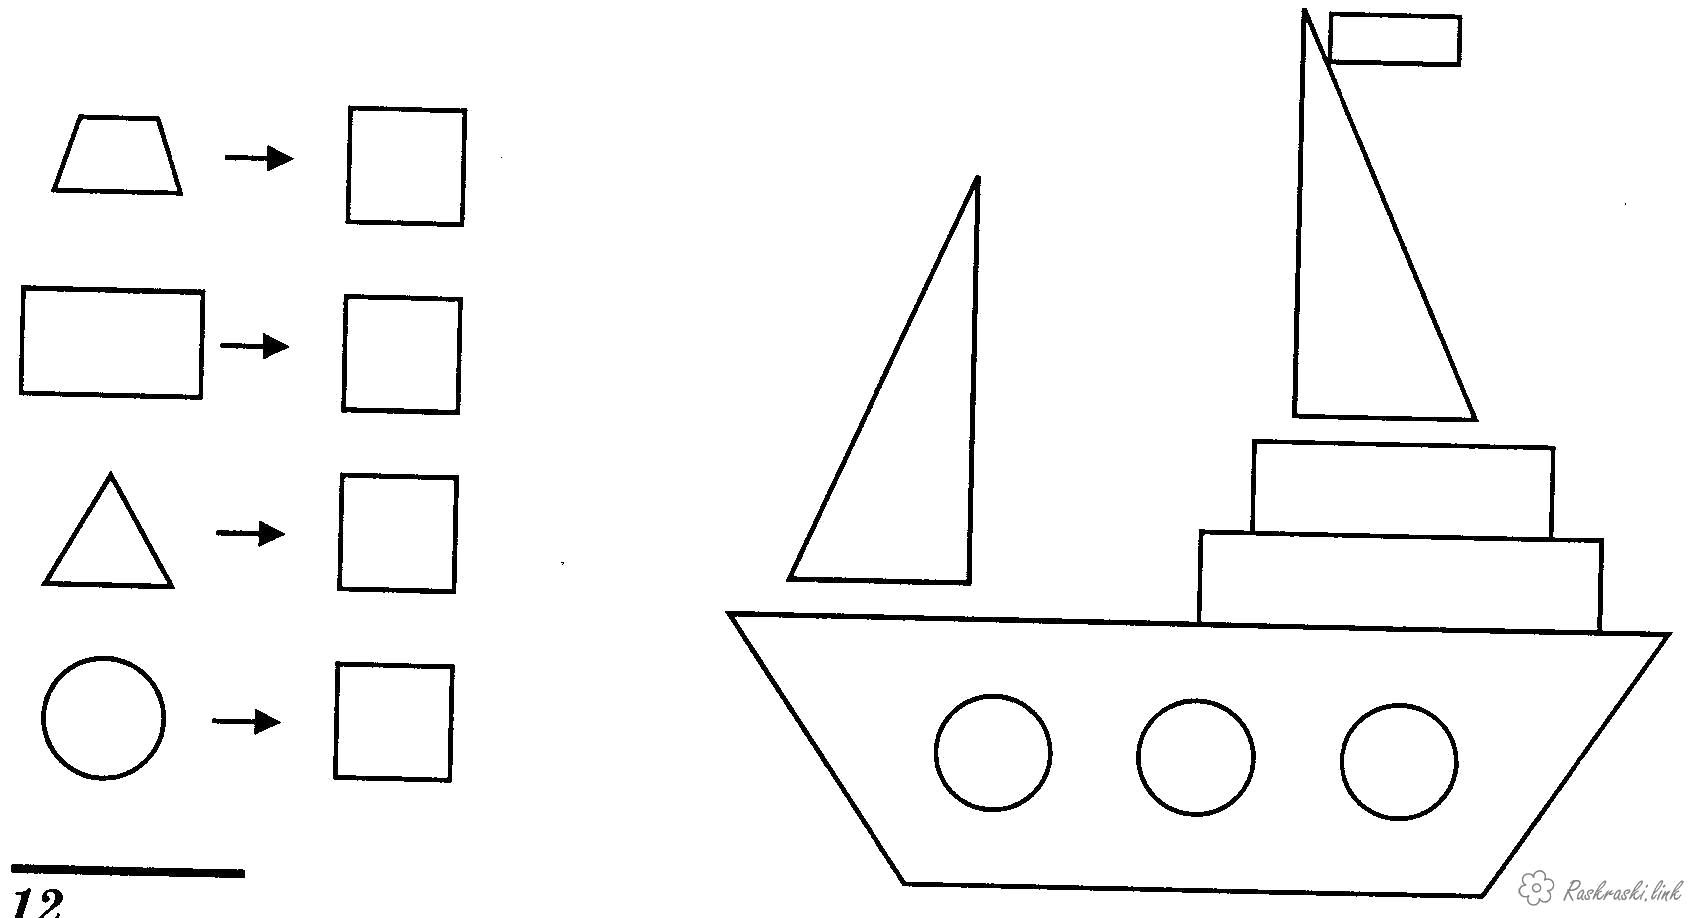 Раскраска  Раскрась геометрические фигуры корабль из геометрических фигур трапеция прямоугольник треугольник круг. Скачать квадрат, треугольник.  Распечатать геометрические фигуры